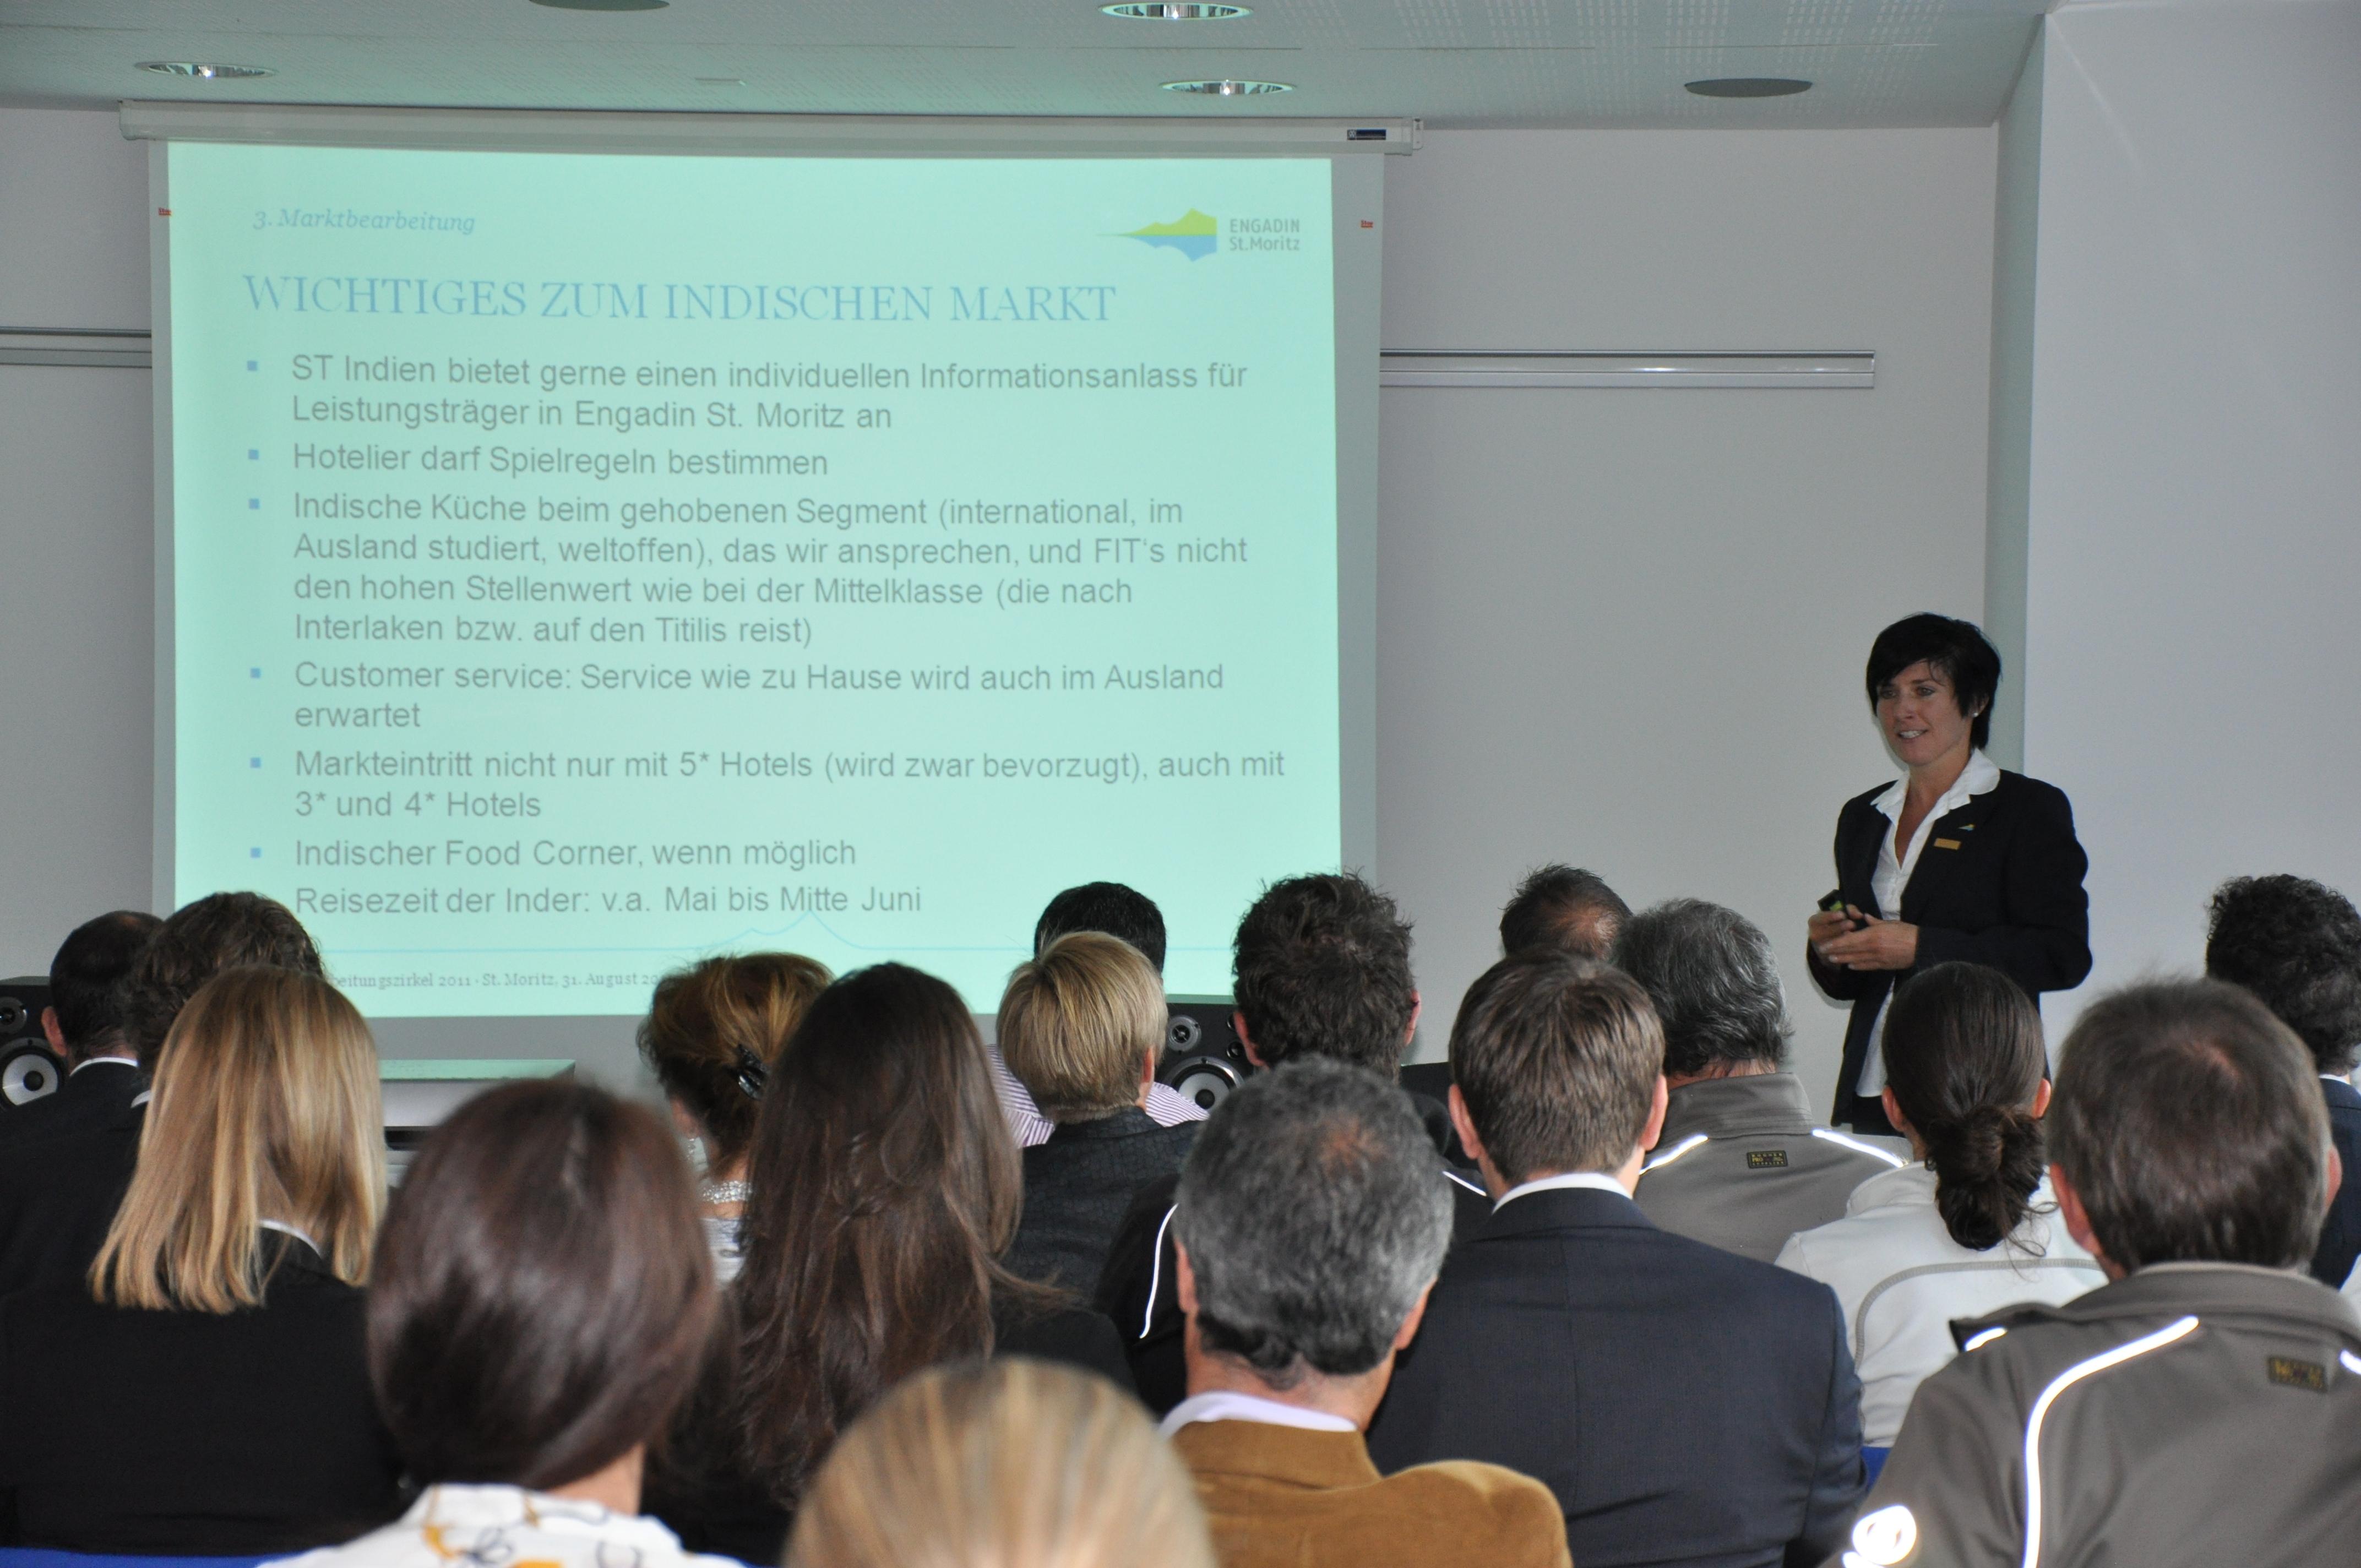 Marktbearbeitungszirkel 2011 Slide 1